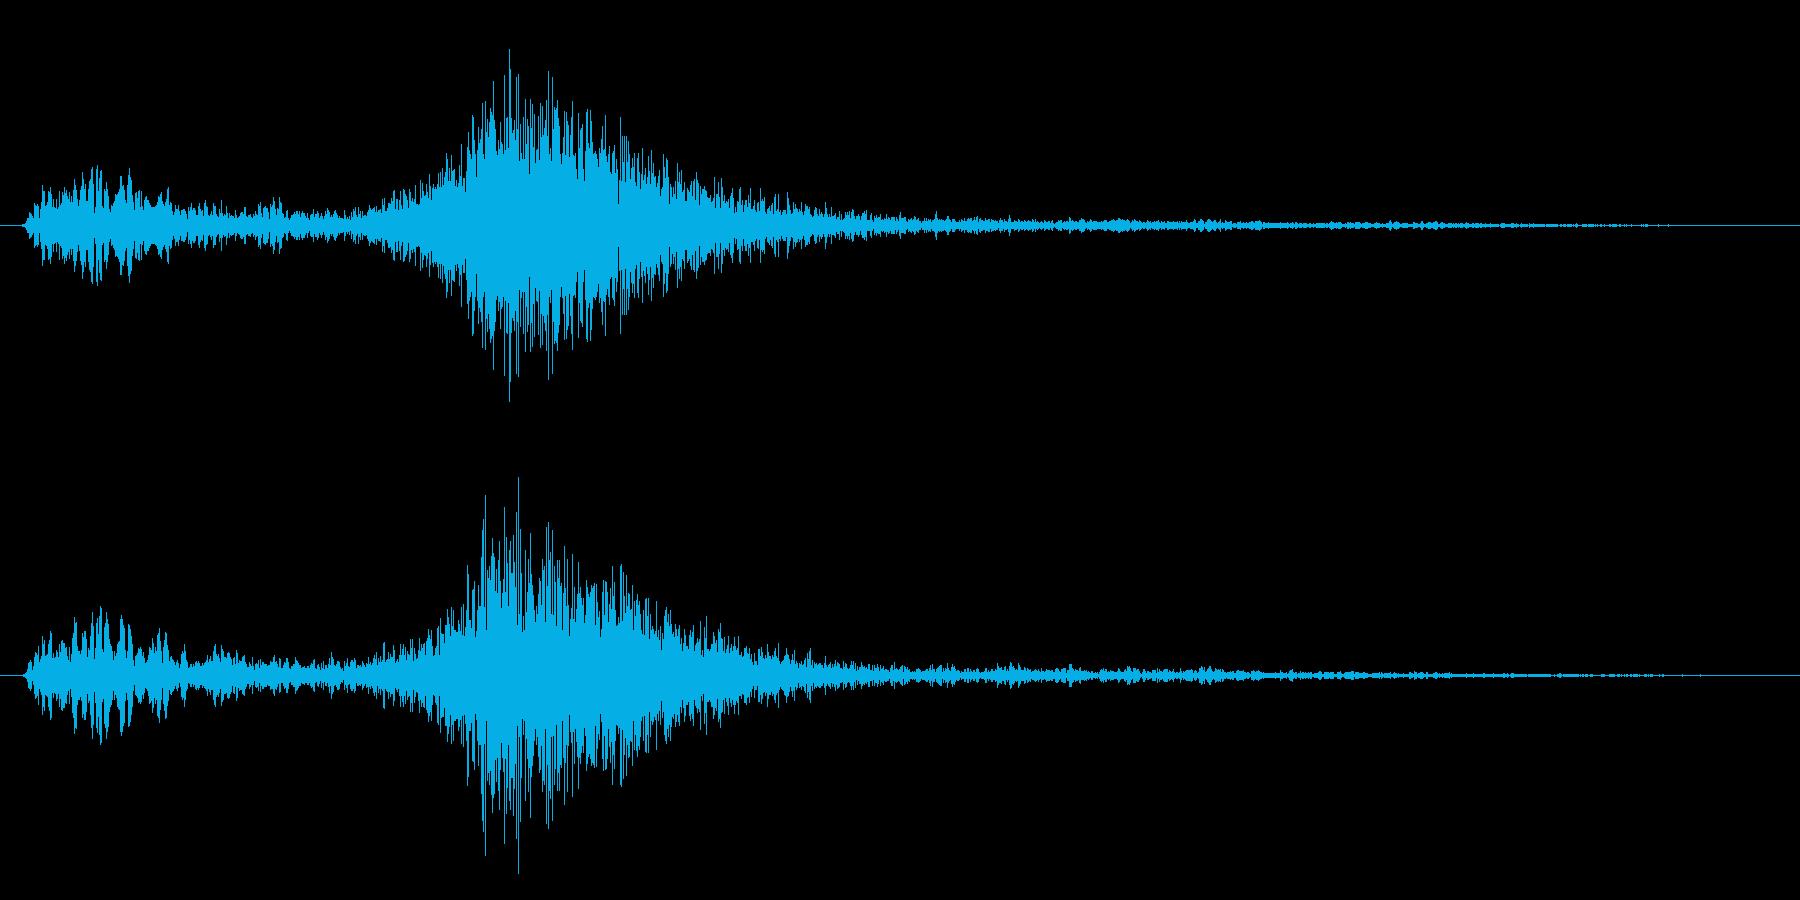 メニュー画面音(ウインドウ開閉など)03の再生済みの波形